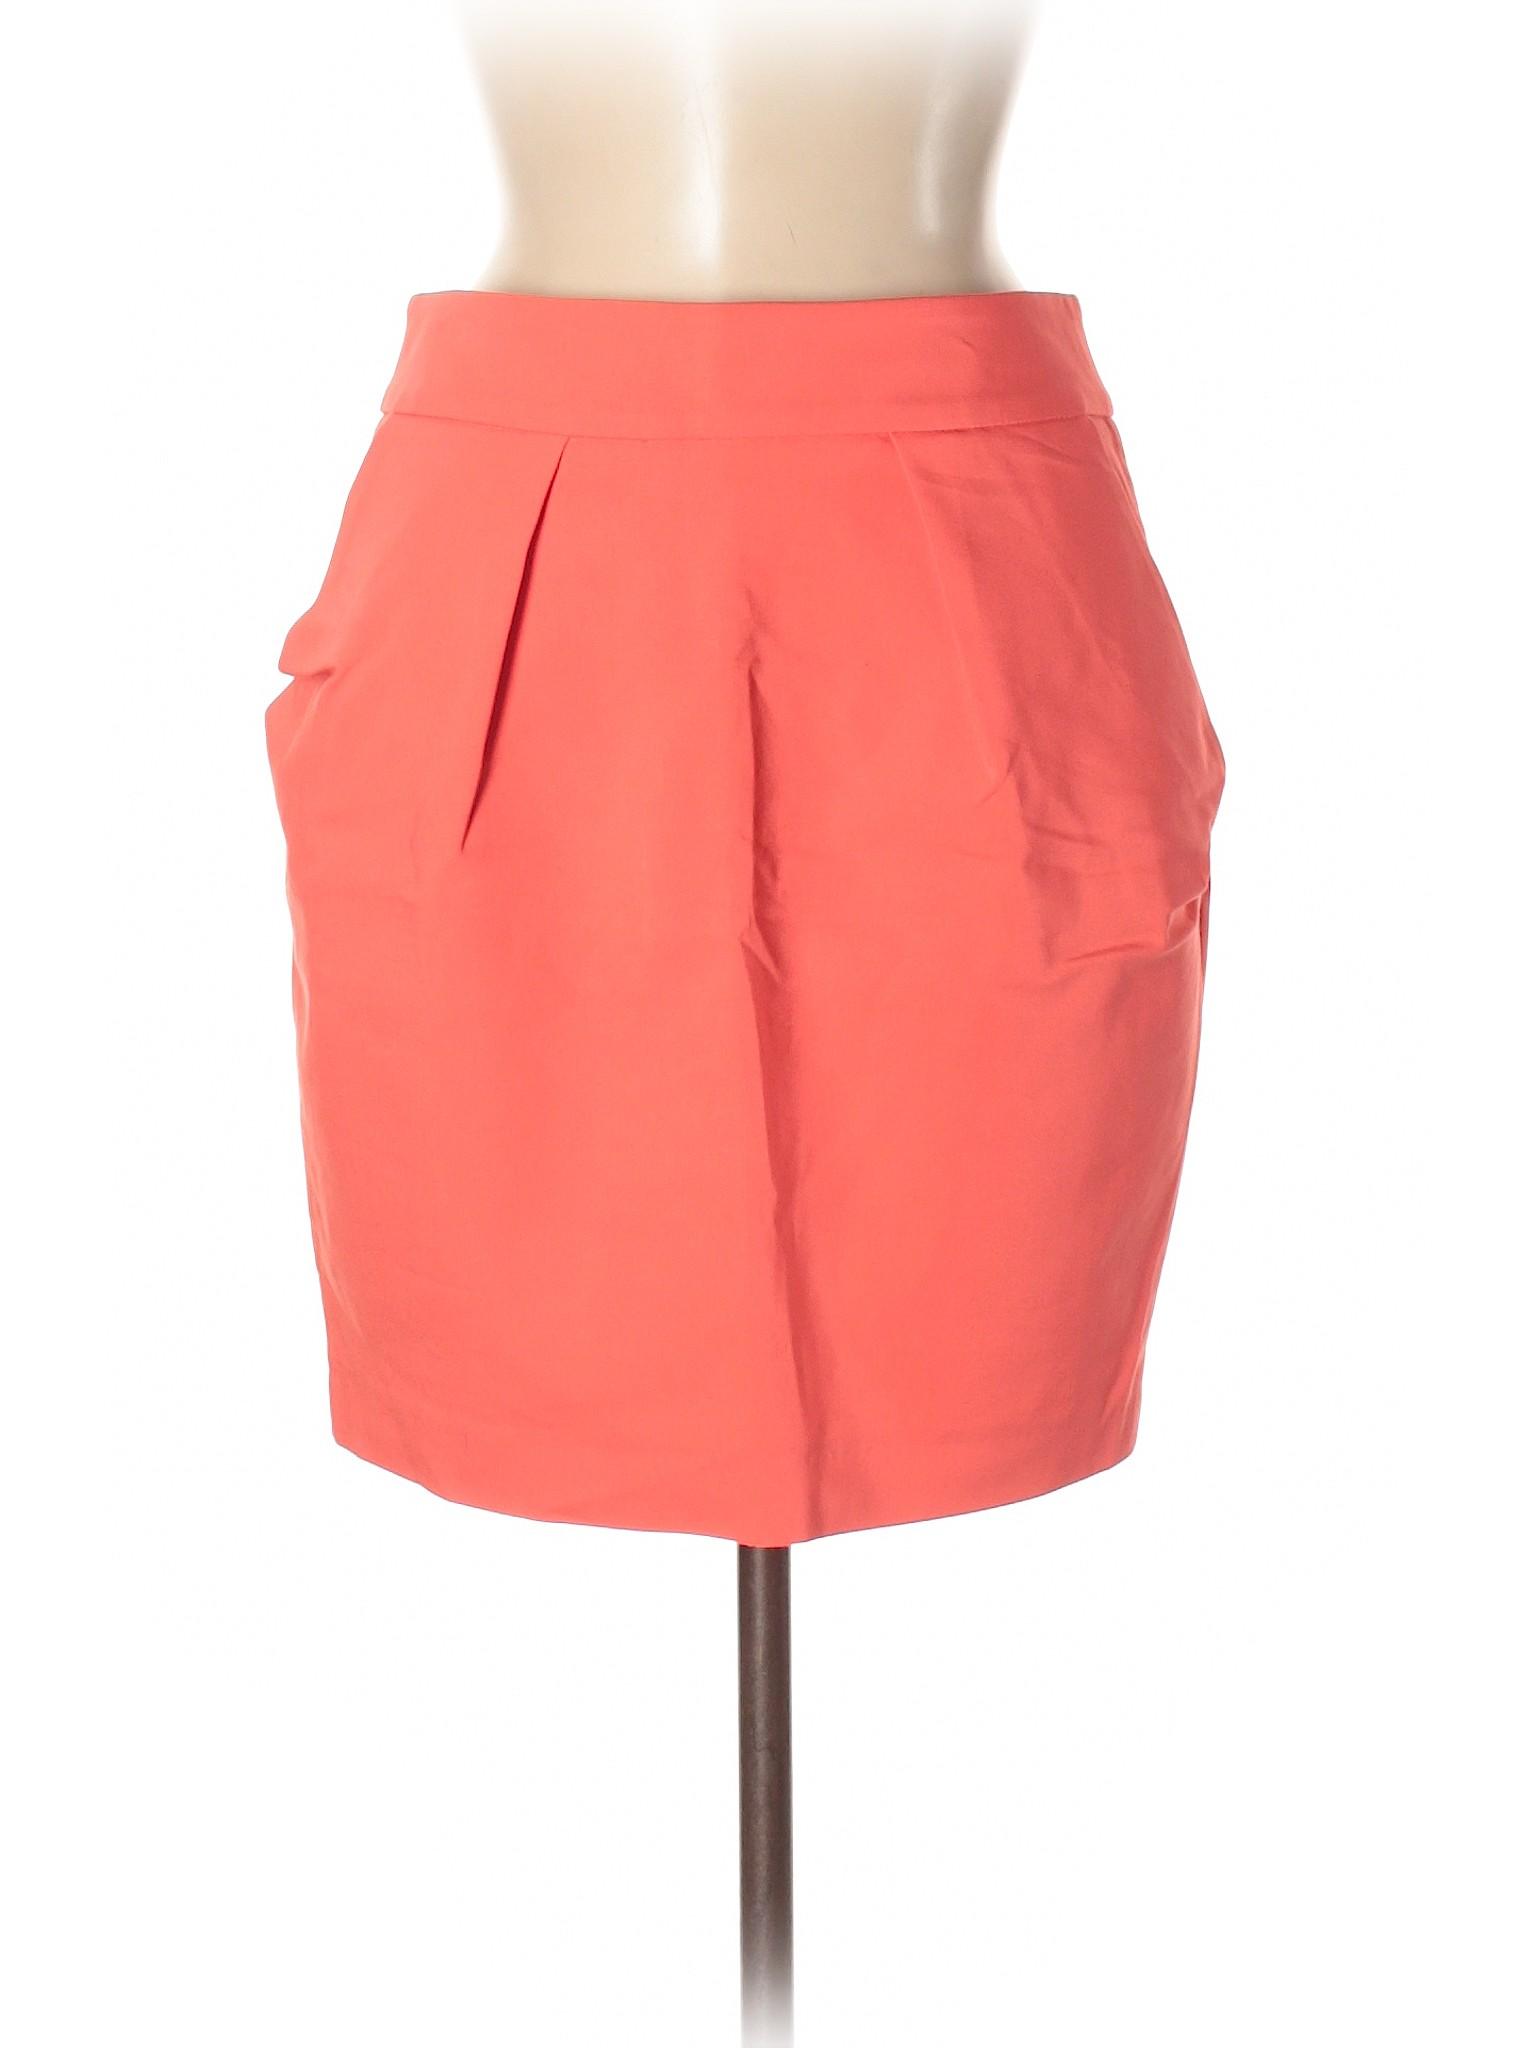 Skirt Casual Boutique Boutique Casual Boutique Casual Boutique Skirt Skirt Boutique Skirt Casual v46qIp